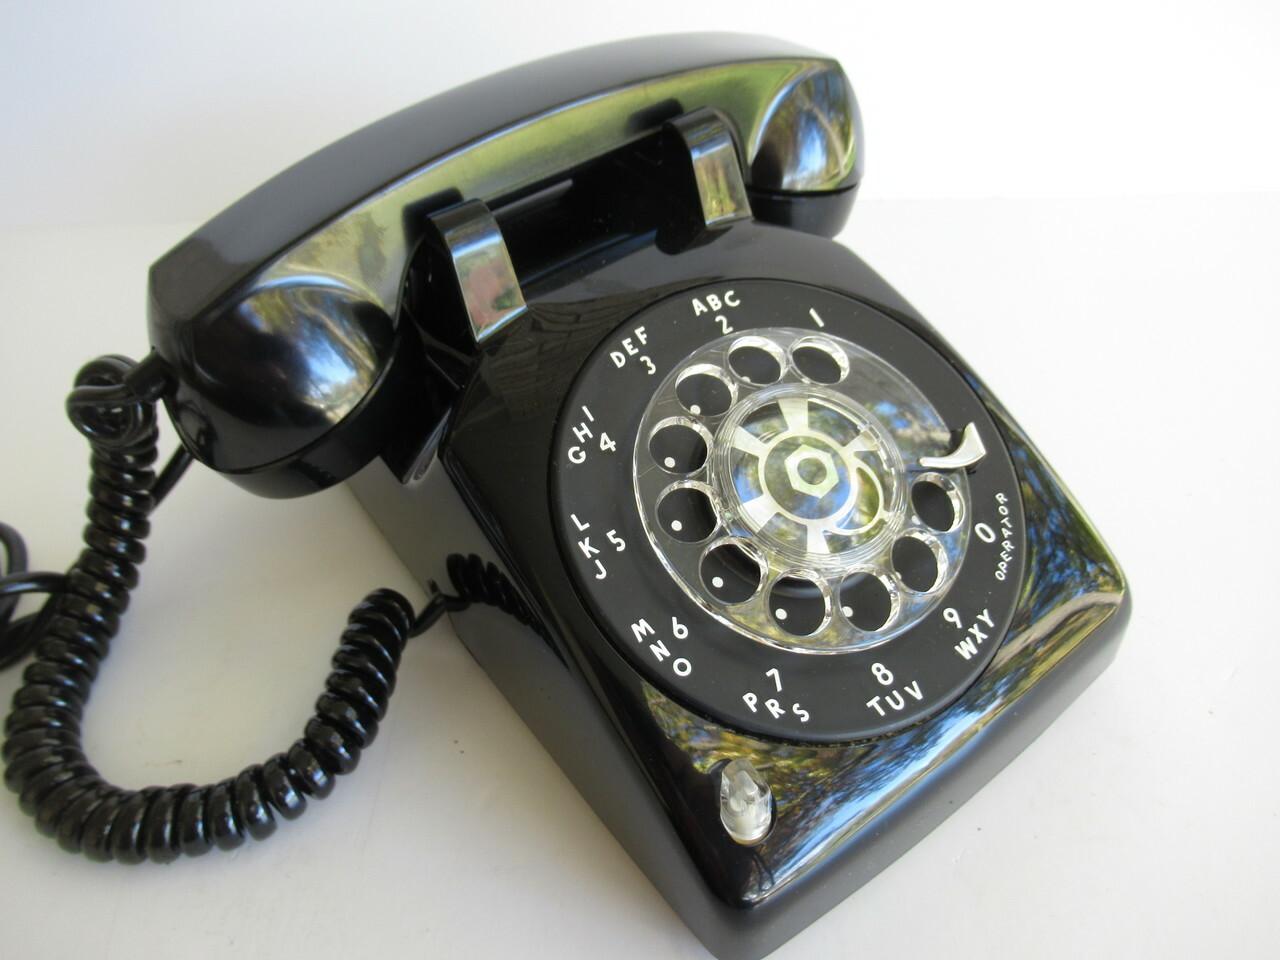 Téléphone à cadran avec son boîtier de bakélite